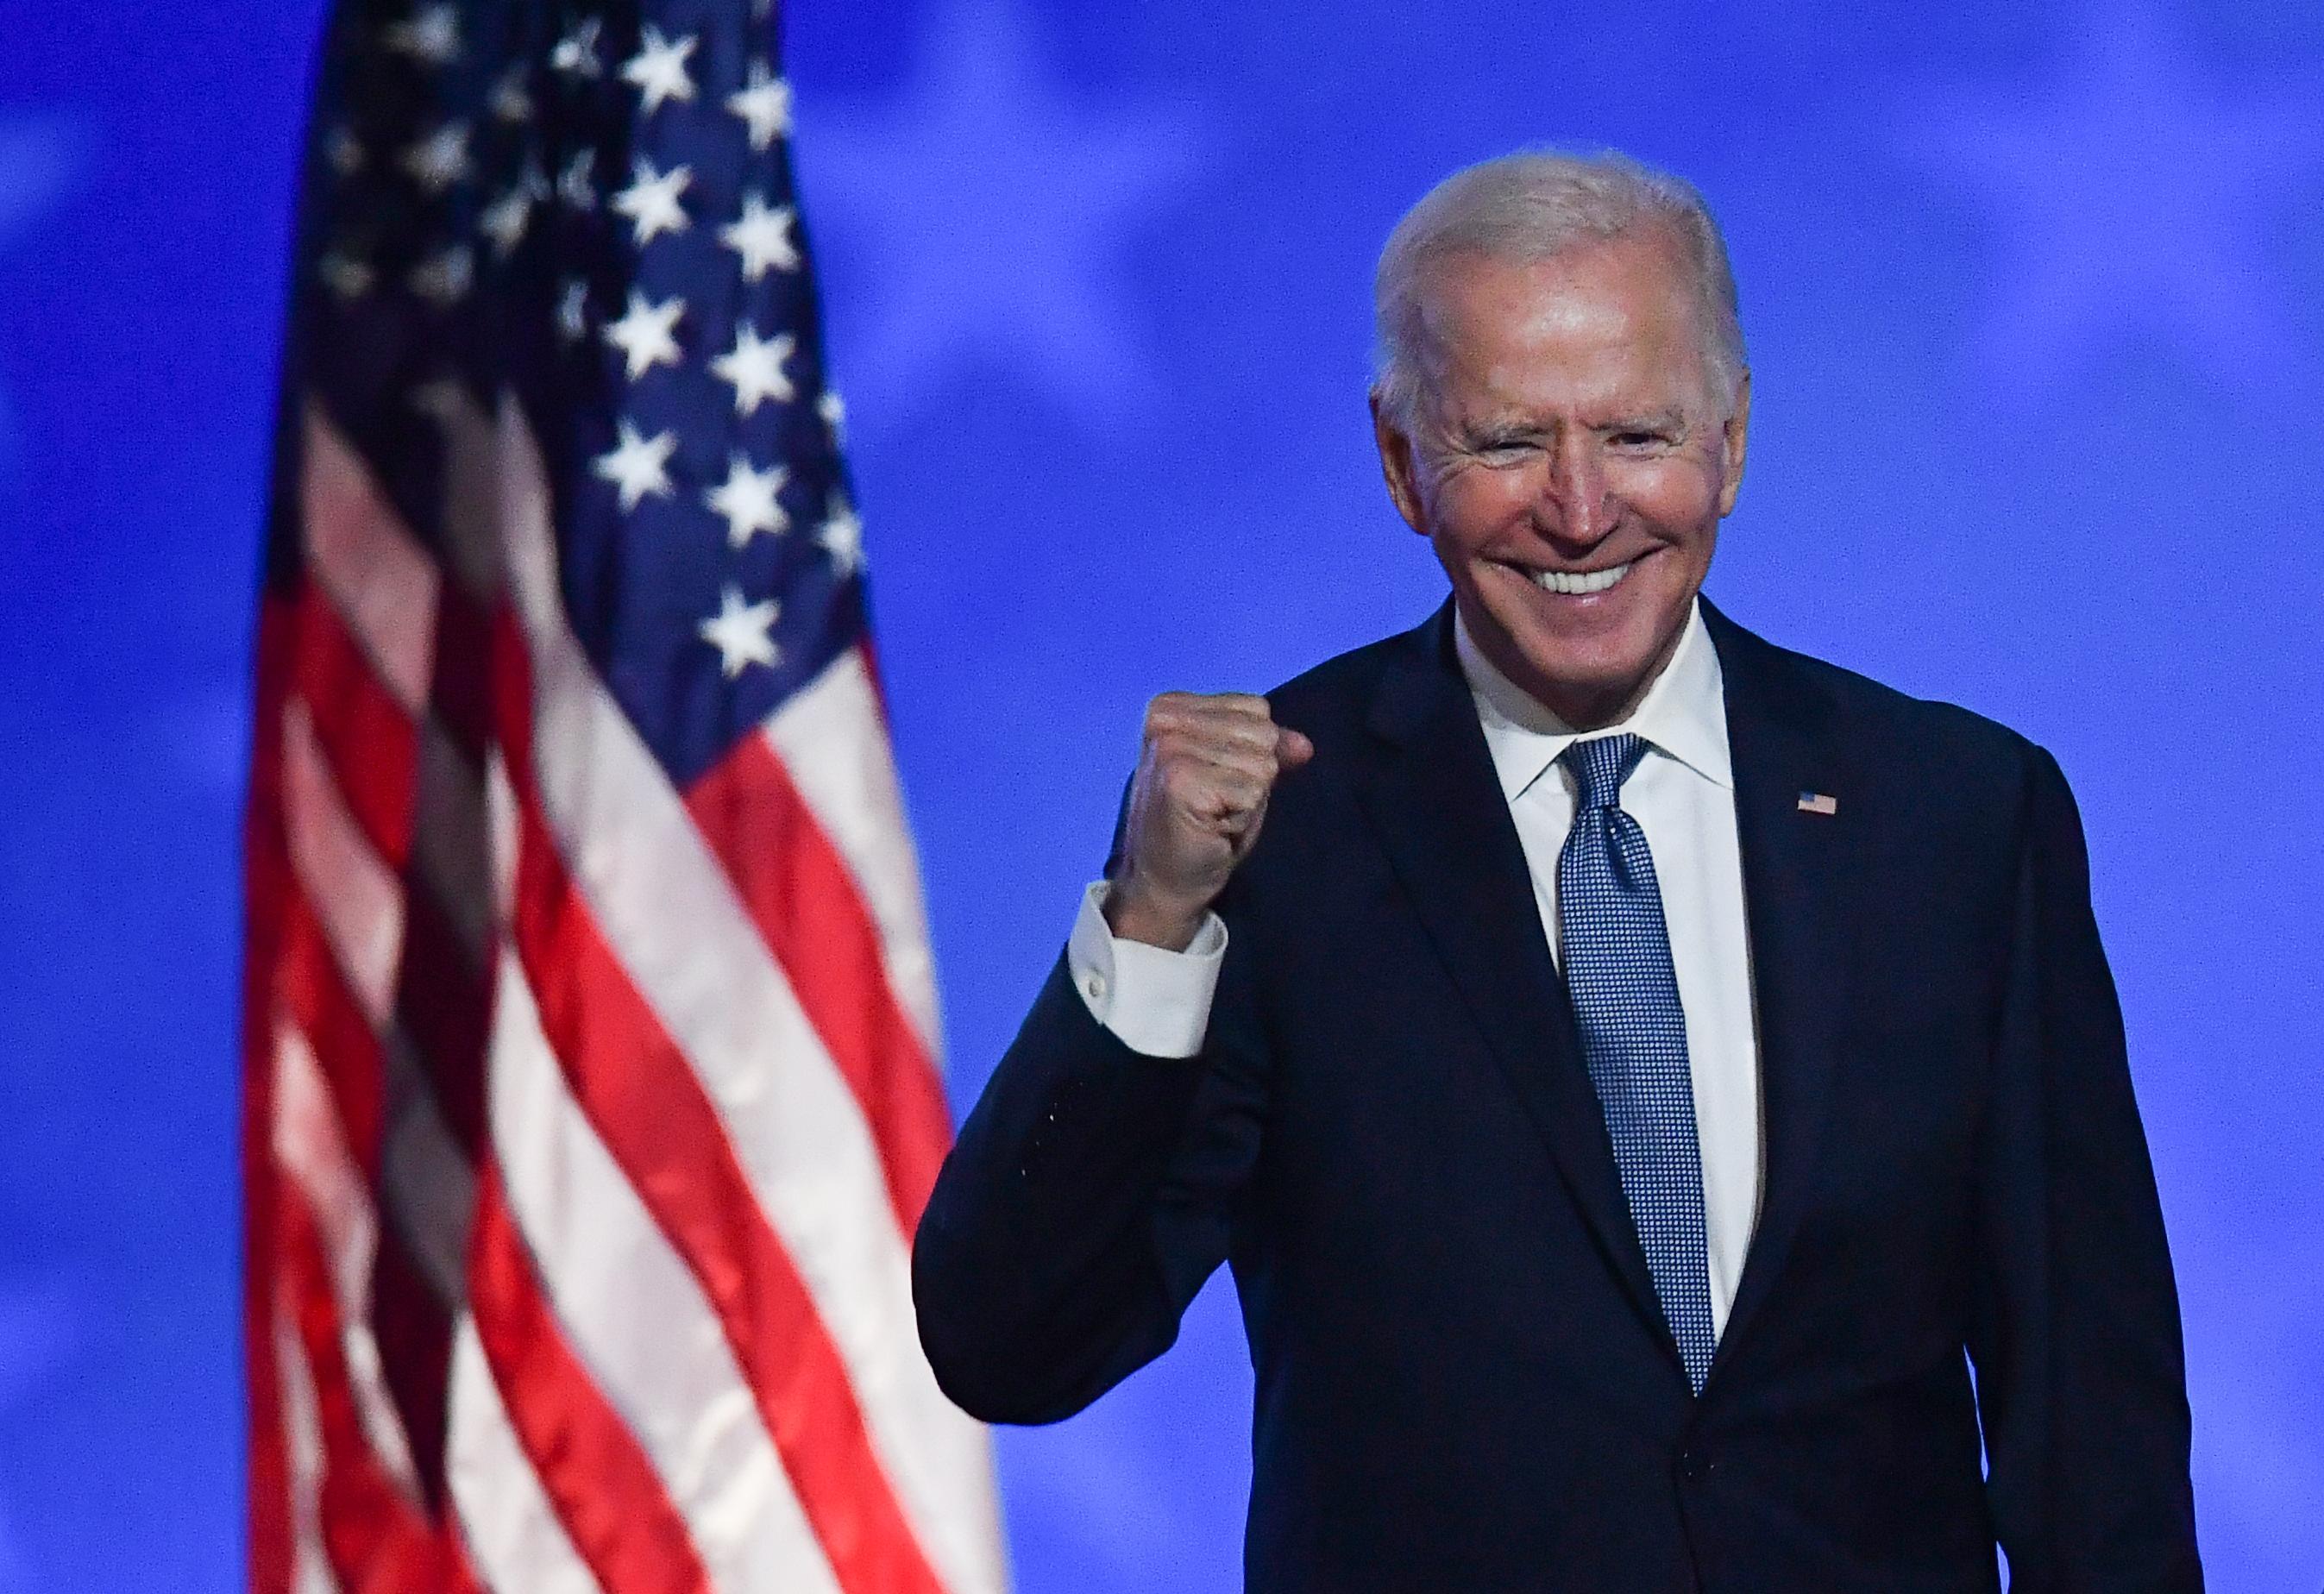 USA: Joe Biden vers la maison blanche sans attendre le feu vert de Trump -  Chroniques.sn